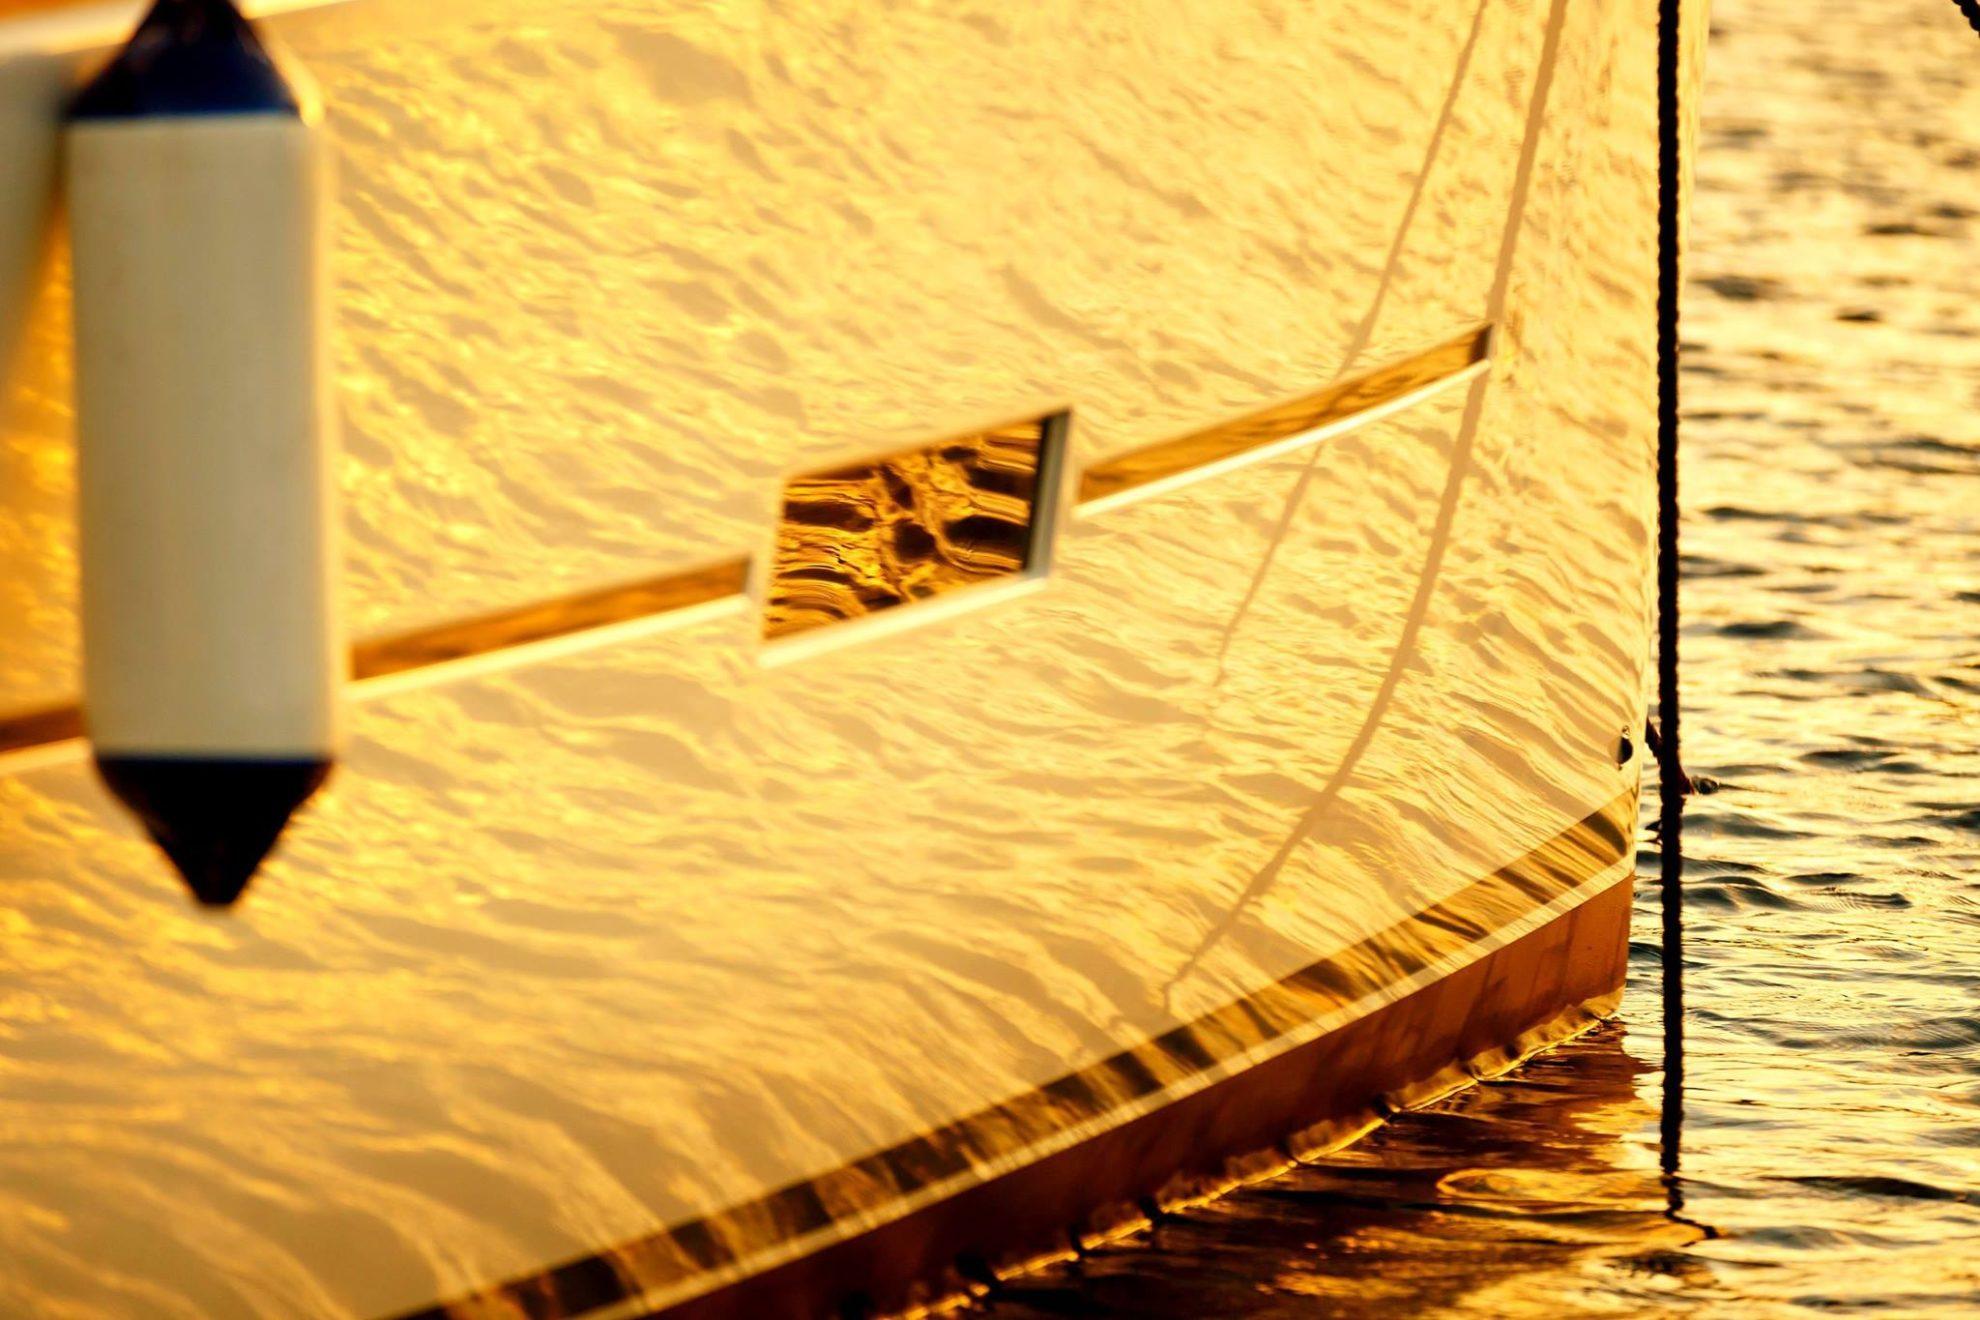 Метафизическая зарисовка из жизни. Мурингов и кранцев. Сицилия. Фото Олег Патрин.